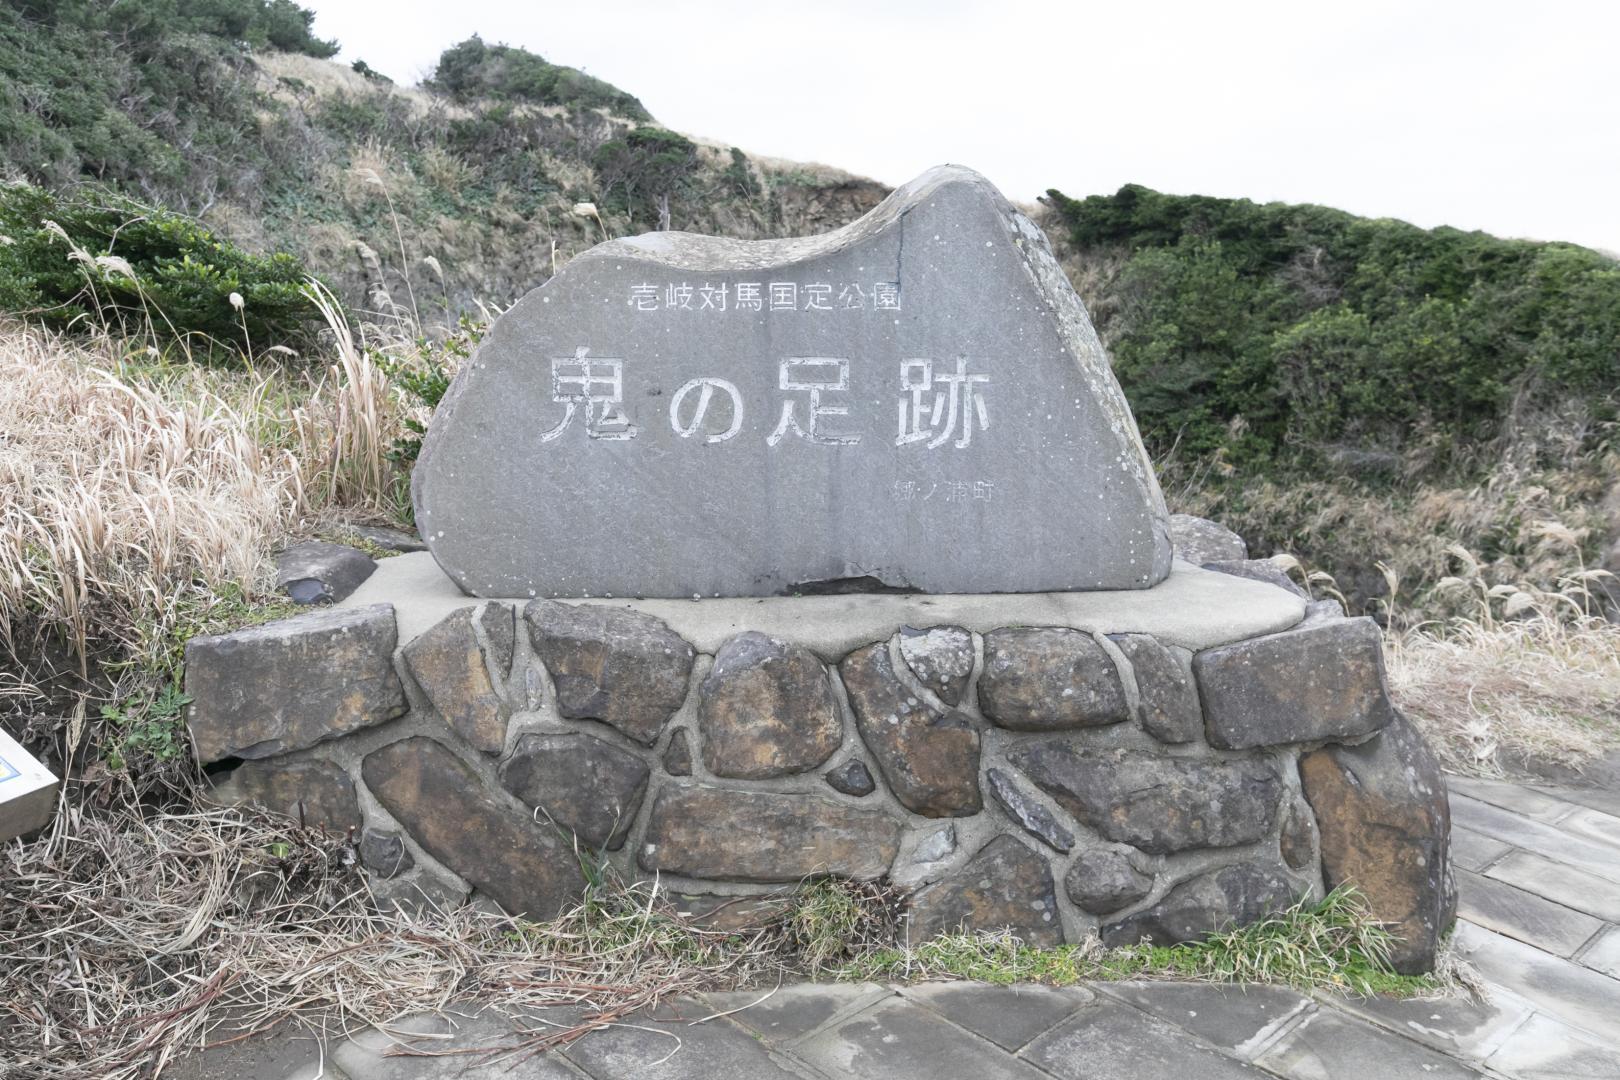 鬼之足迹(牧崎公园内)-3